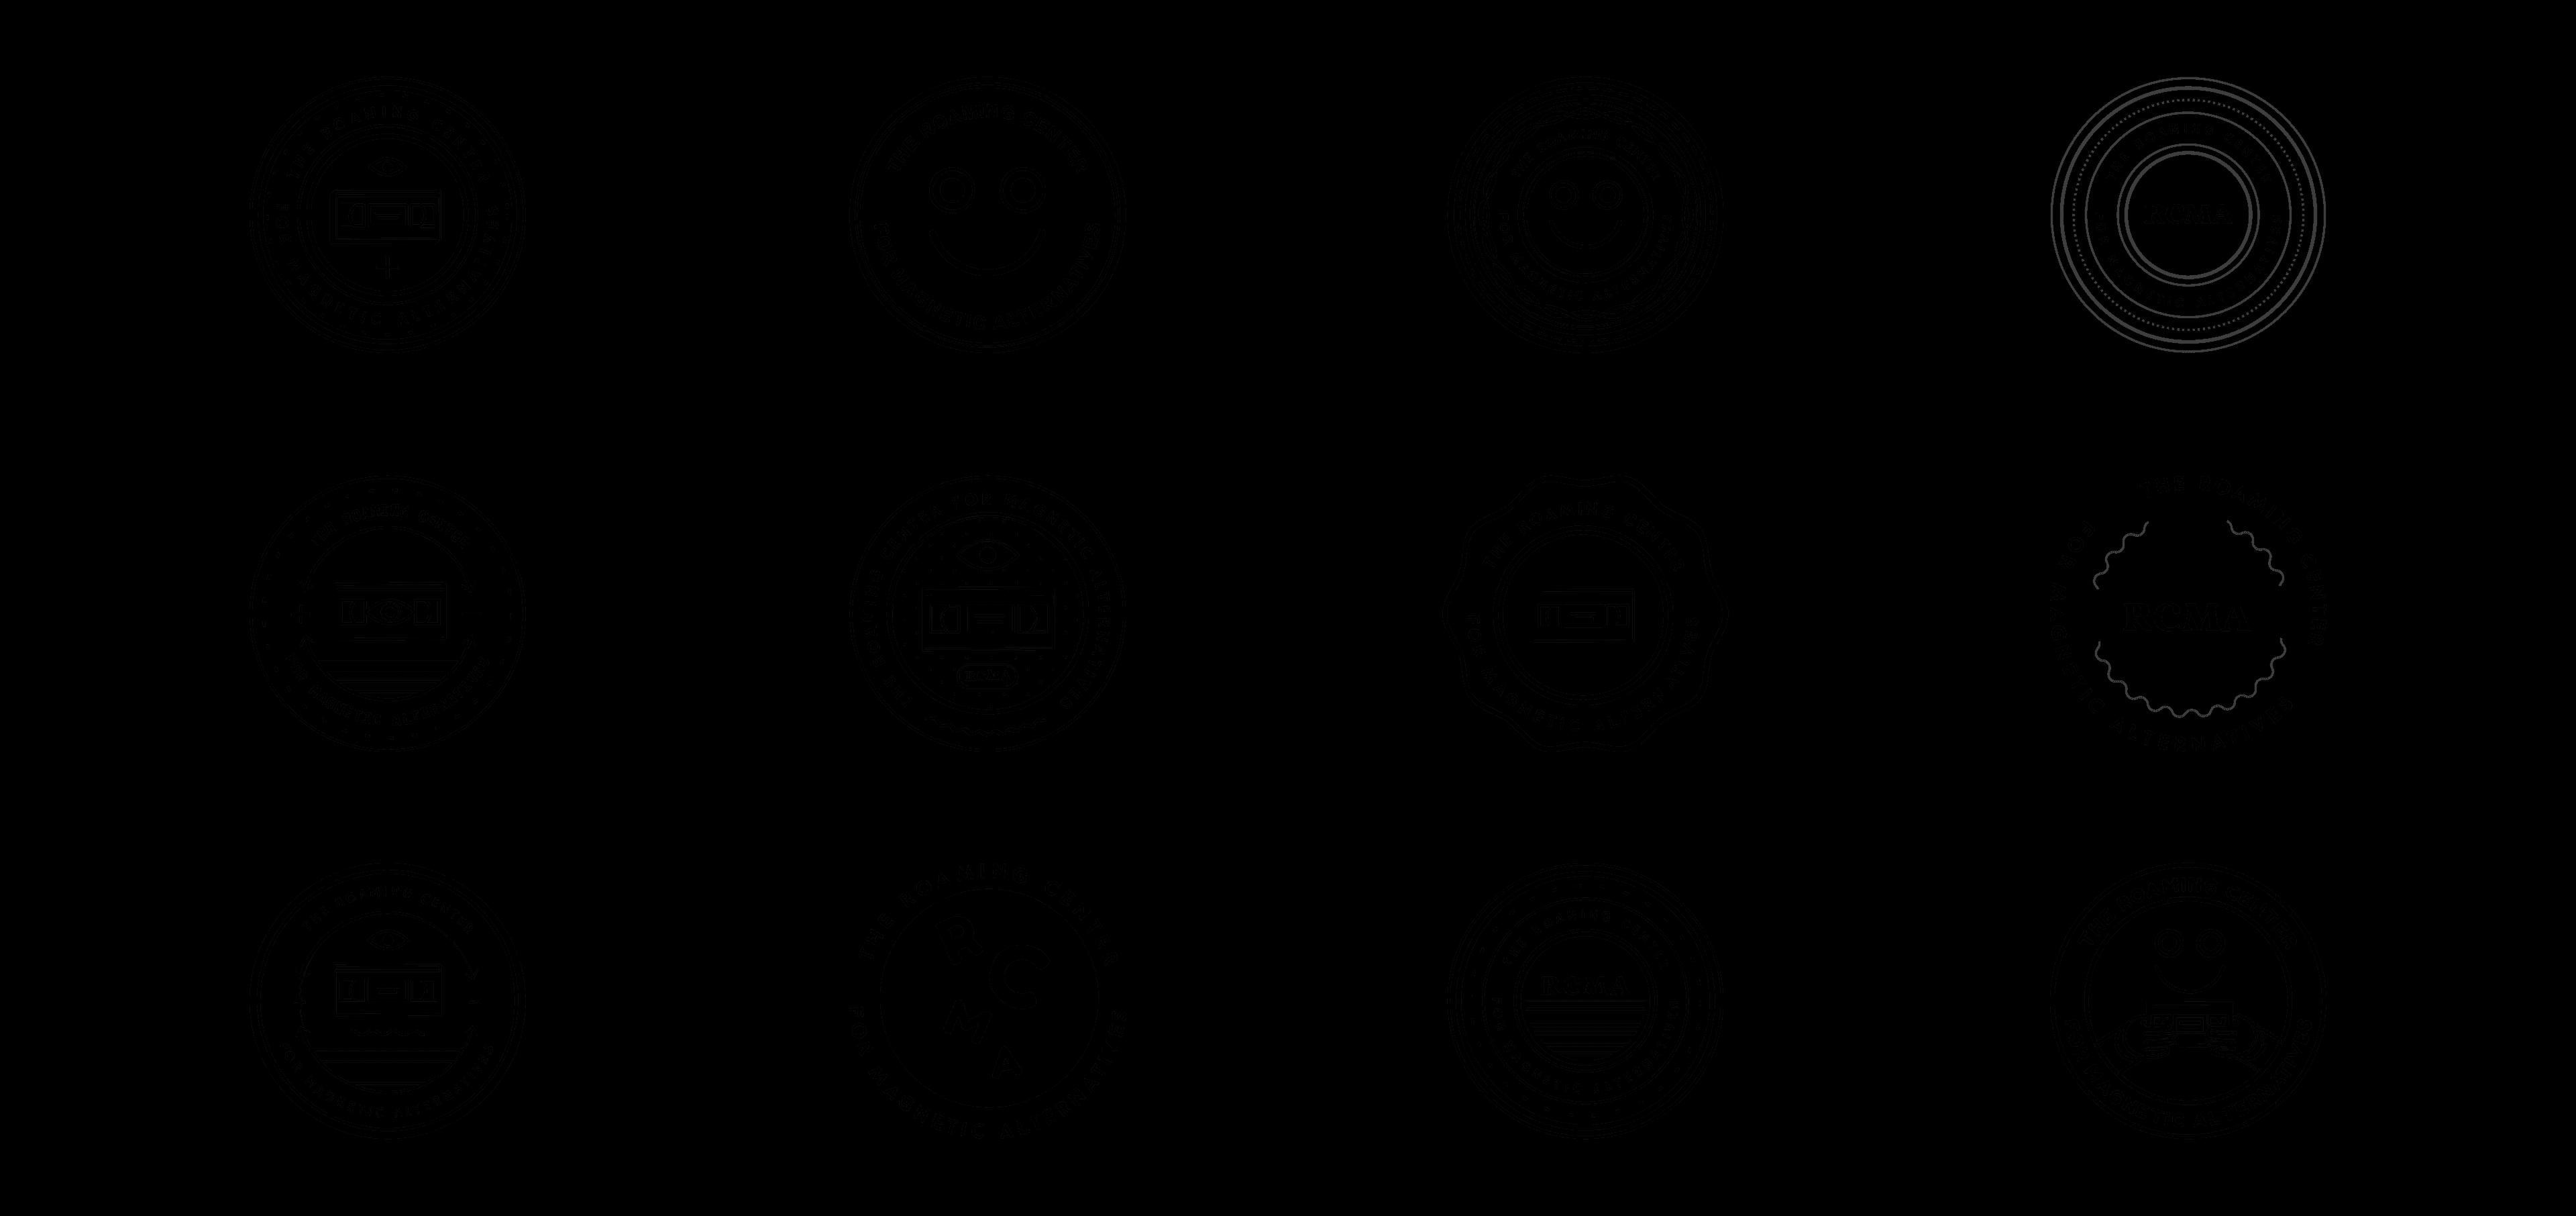 RCMA-LOGO-DIVIDER